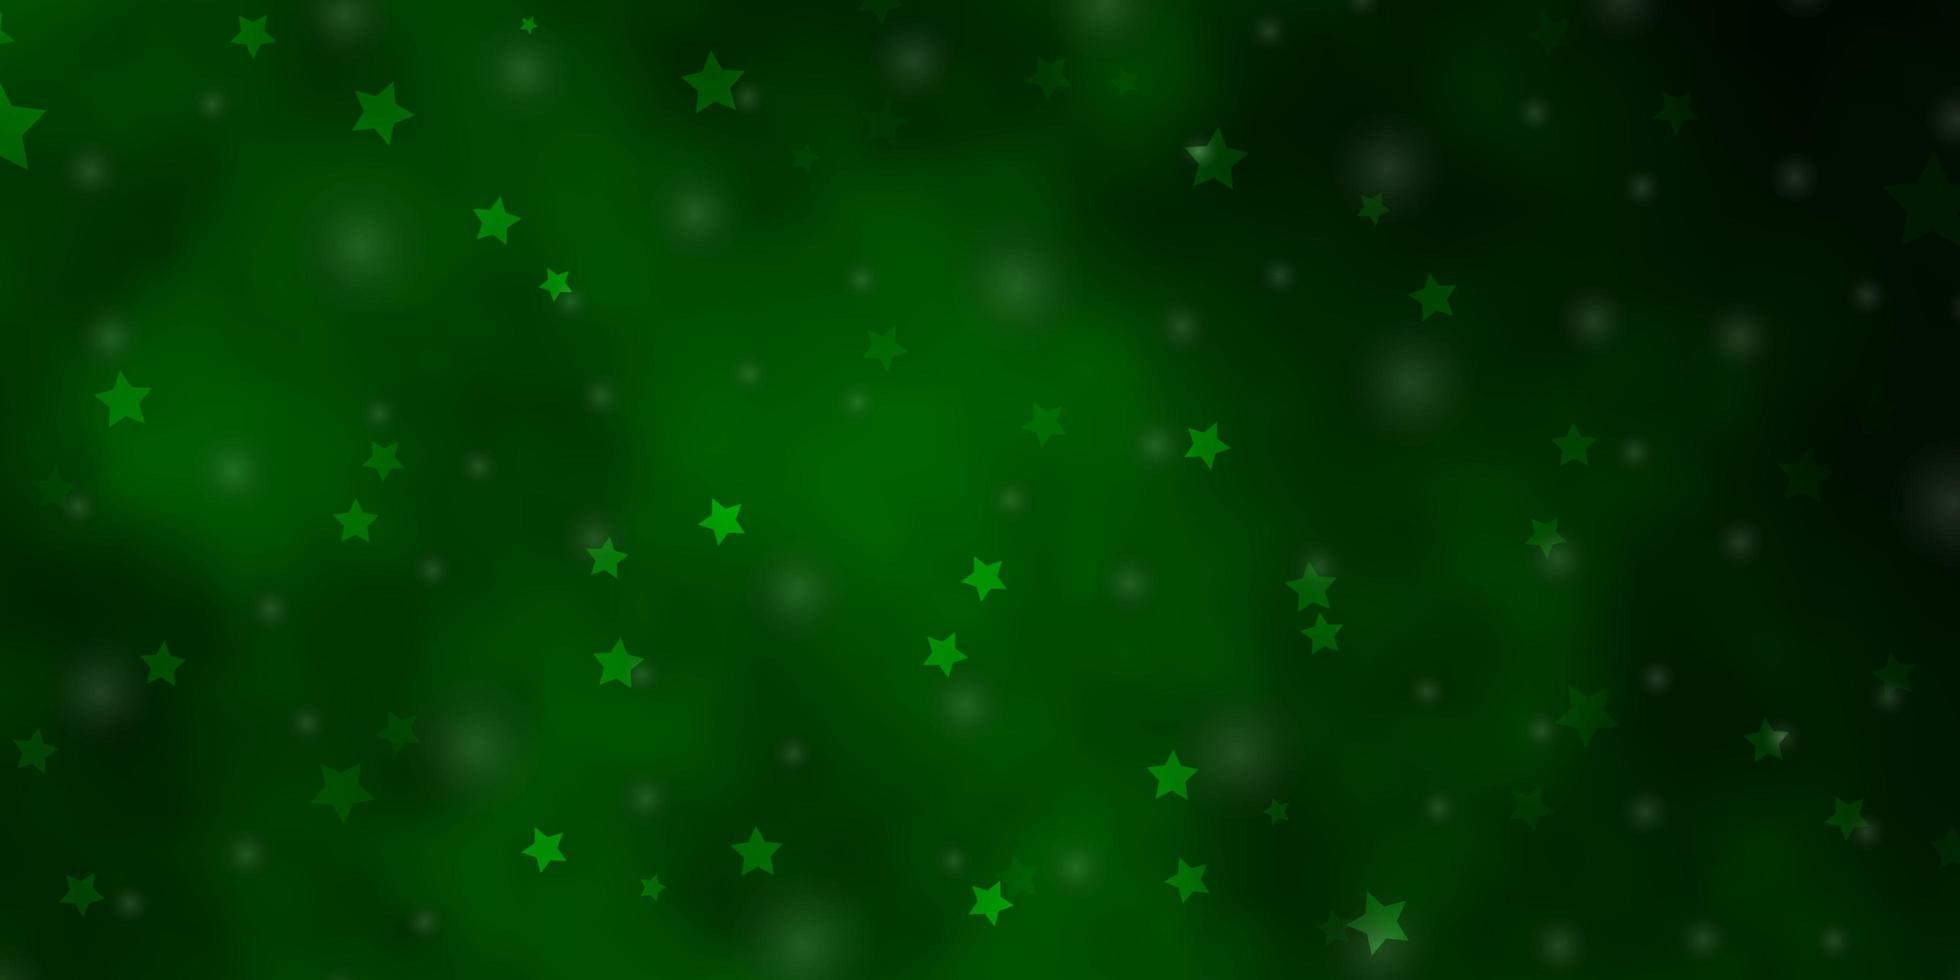 sfondo verde con stelle colorate. vettore